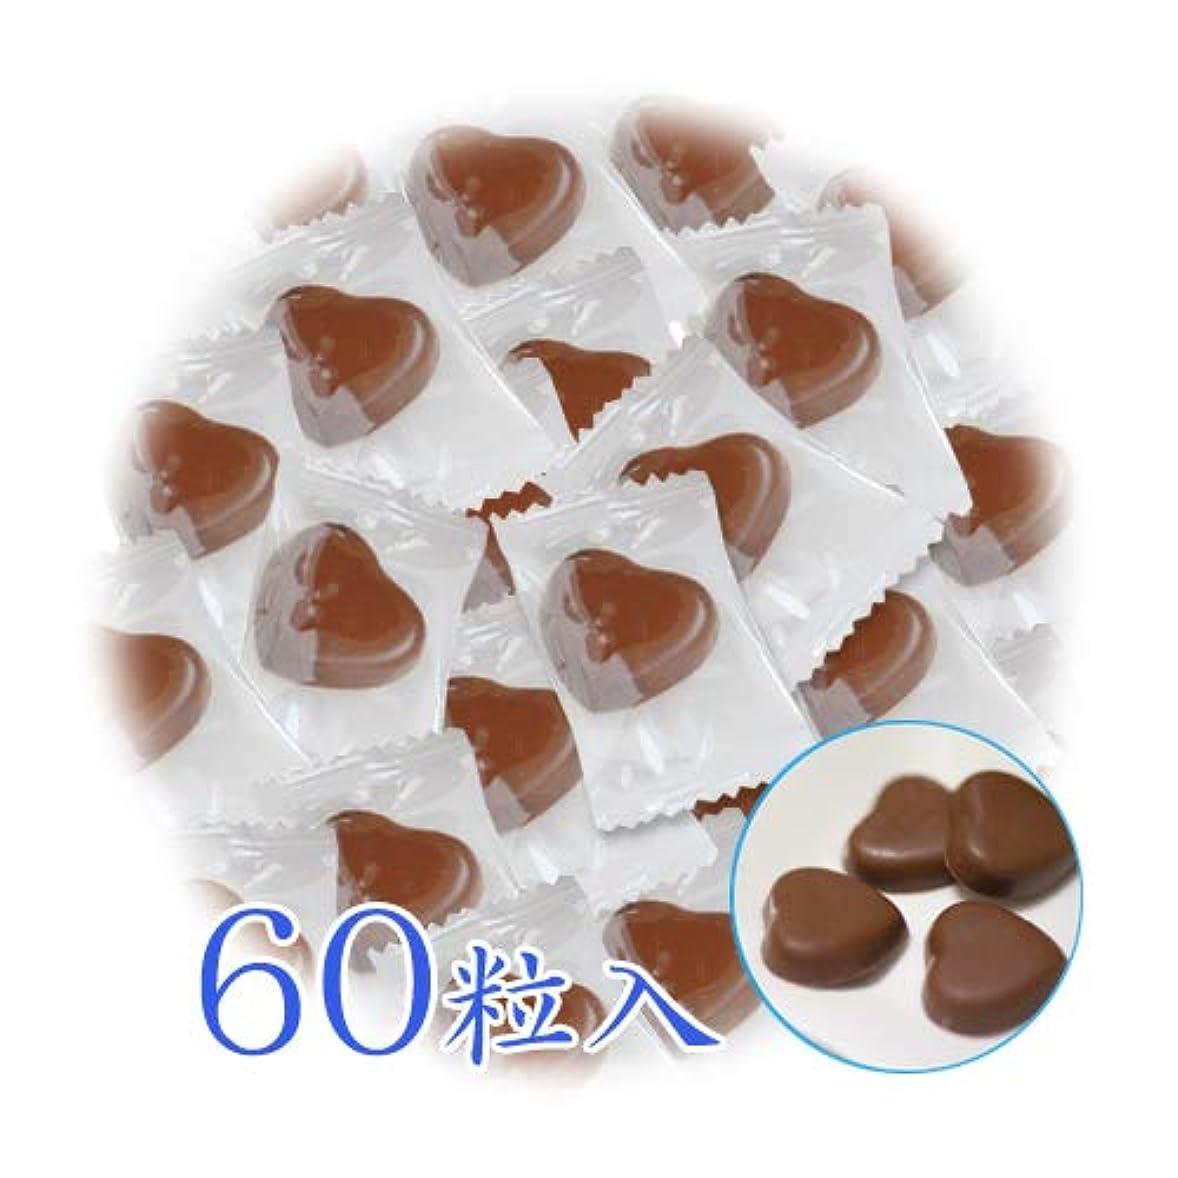 騒々しい市町村蓄積するキシリトール 100% キシリの力 チョコレート 箱なし 個包装 3g×60粒